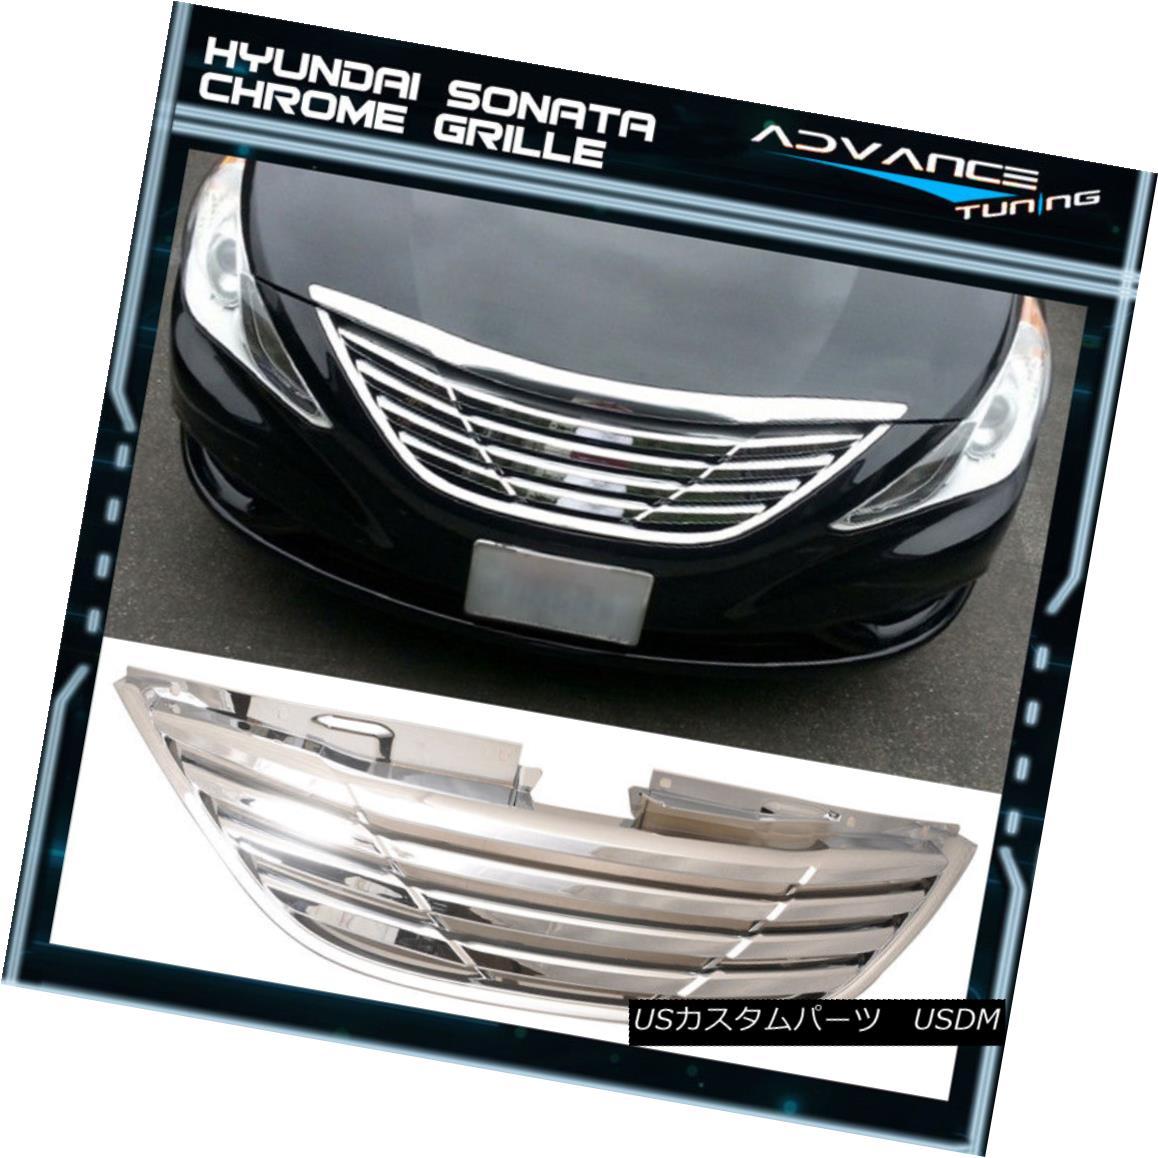 グリル Fit For 11-14 Hyundai Sonata Front Grille Grill Chrome - ABS 11-14現代ソナタフロントグリルグリルクローム - ABS用